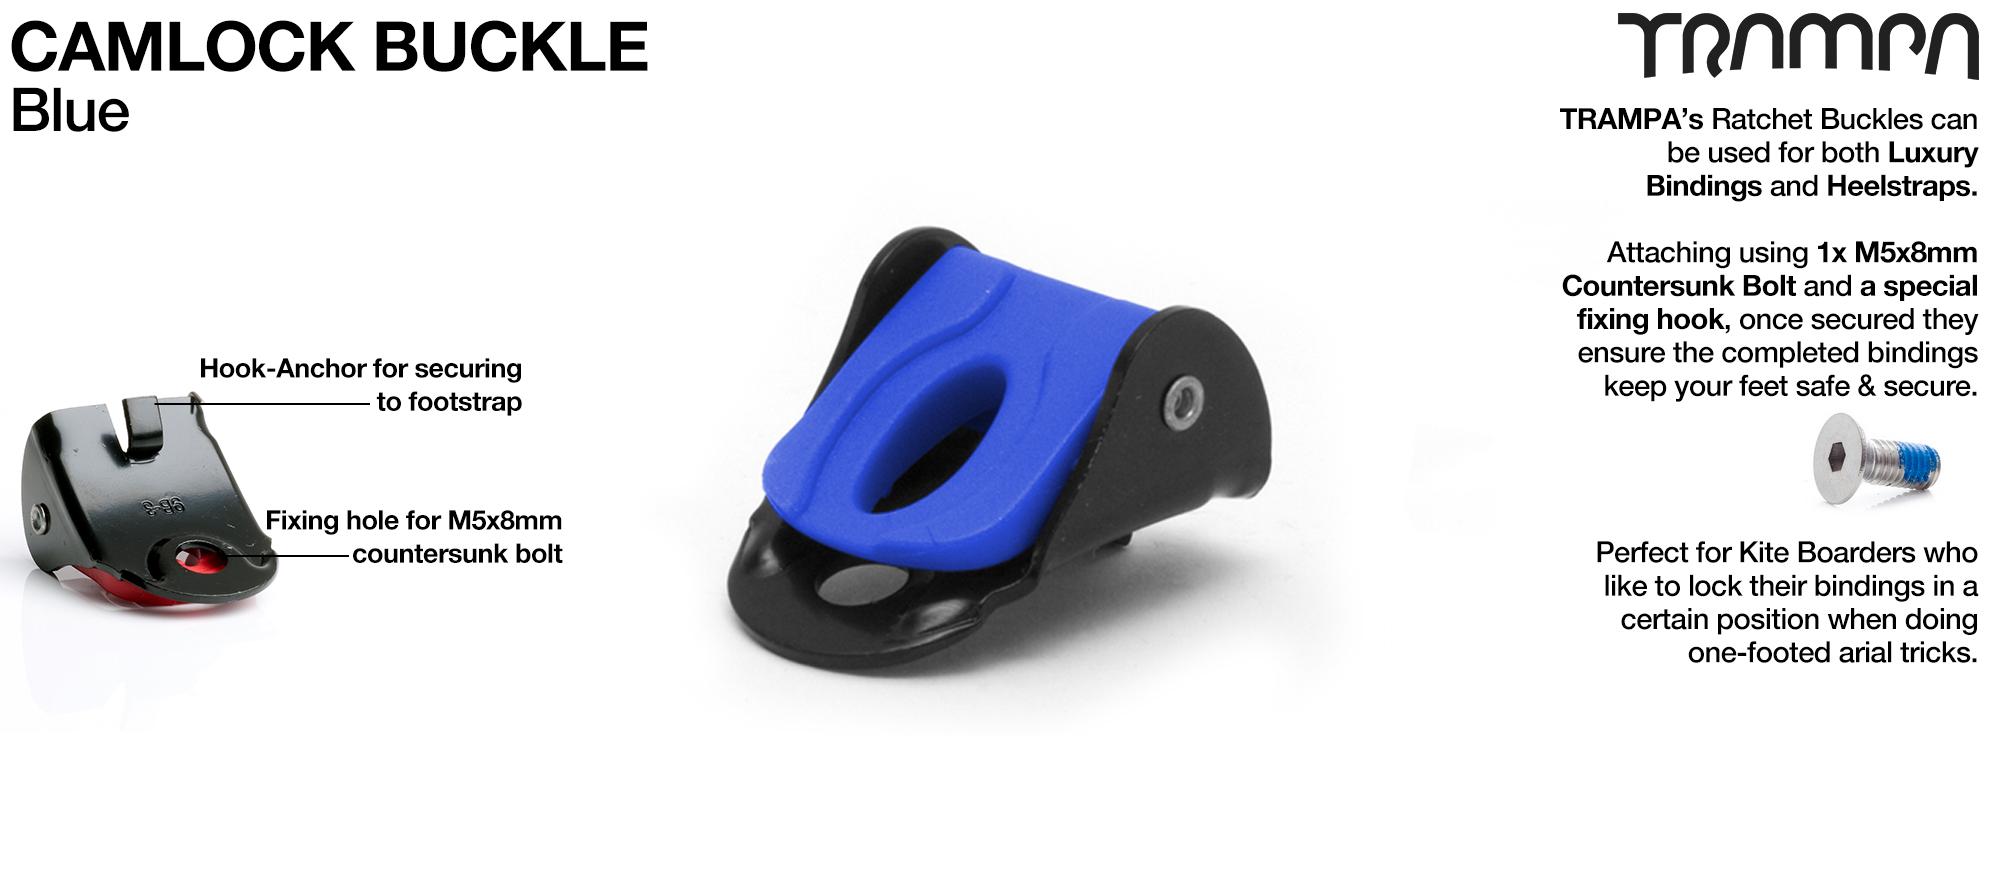 Camlock Buckles fit too Footstrap & Heelstrap Bindings - BLUE